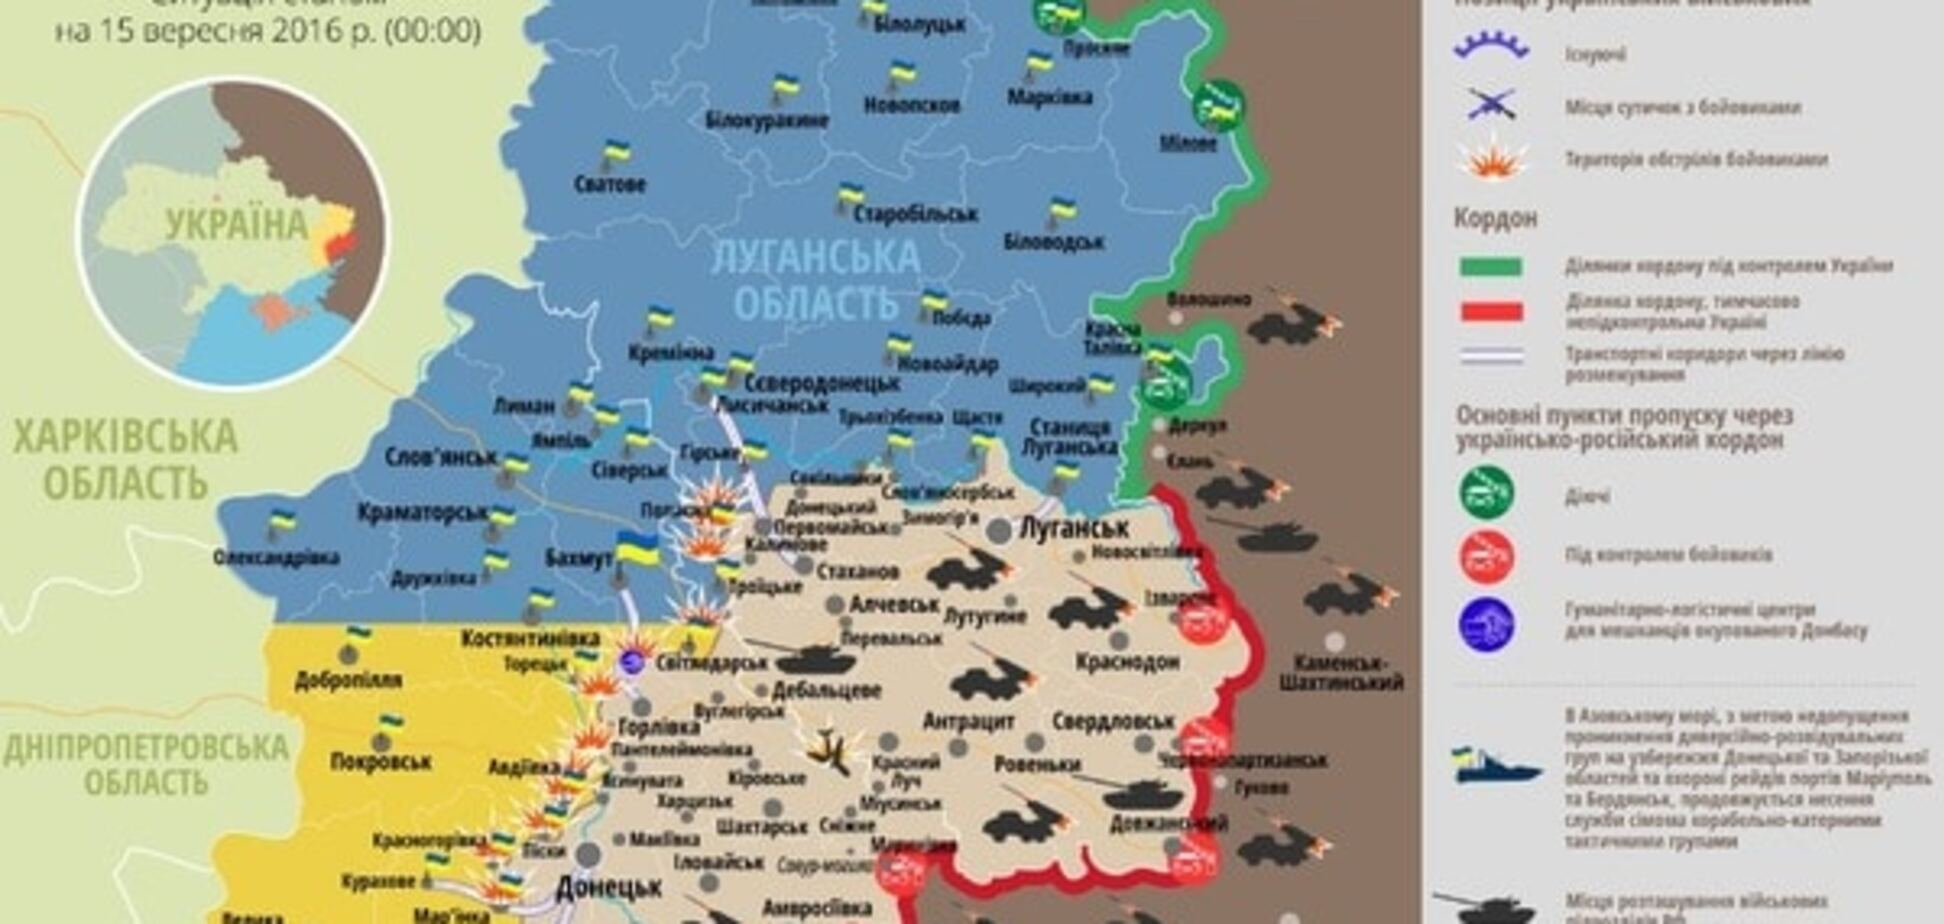 Бойцы ВСУ подорвались на Донбассе: опубликована карта АТО